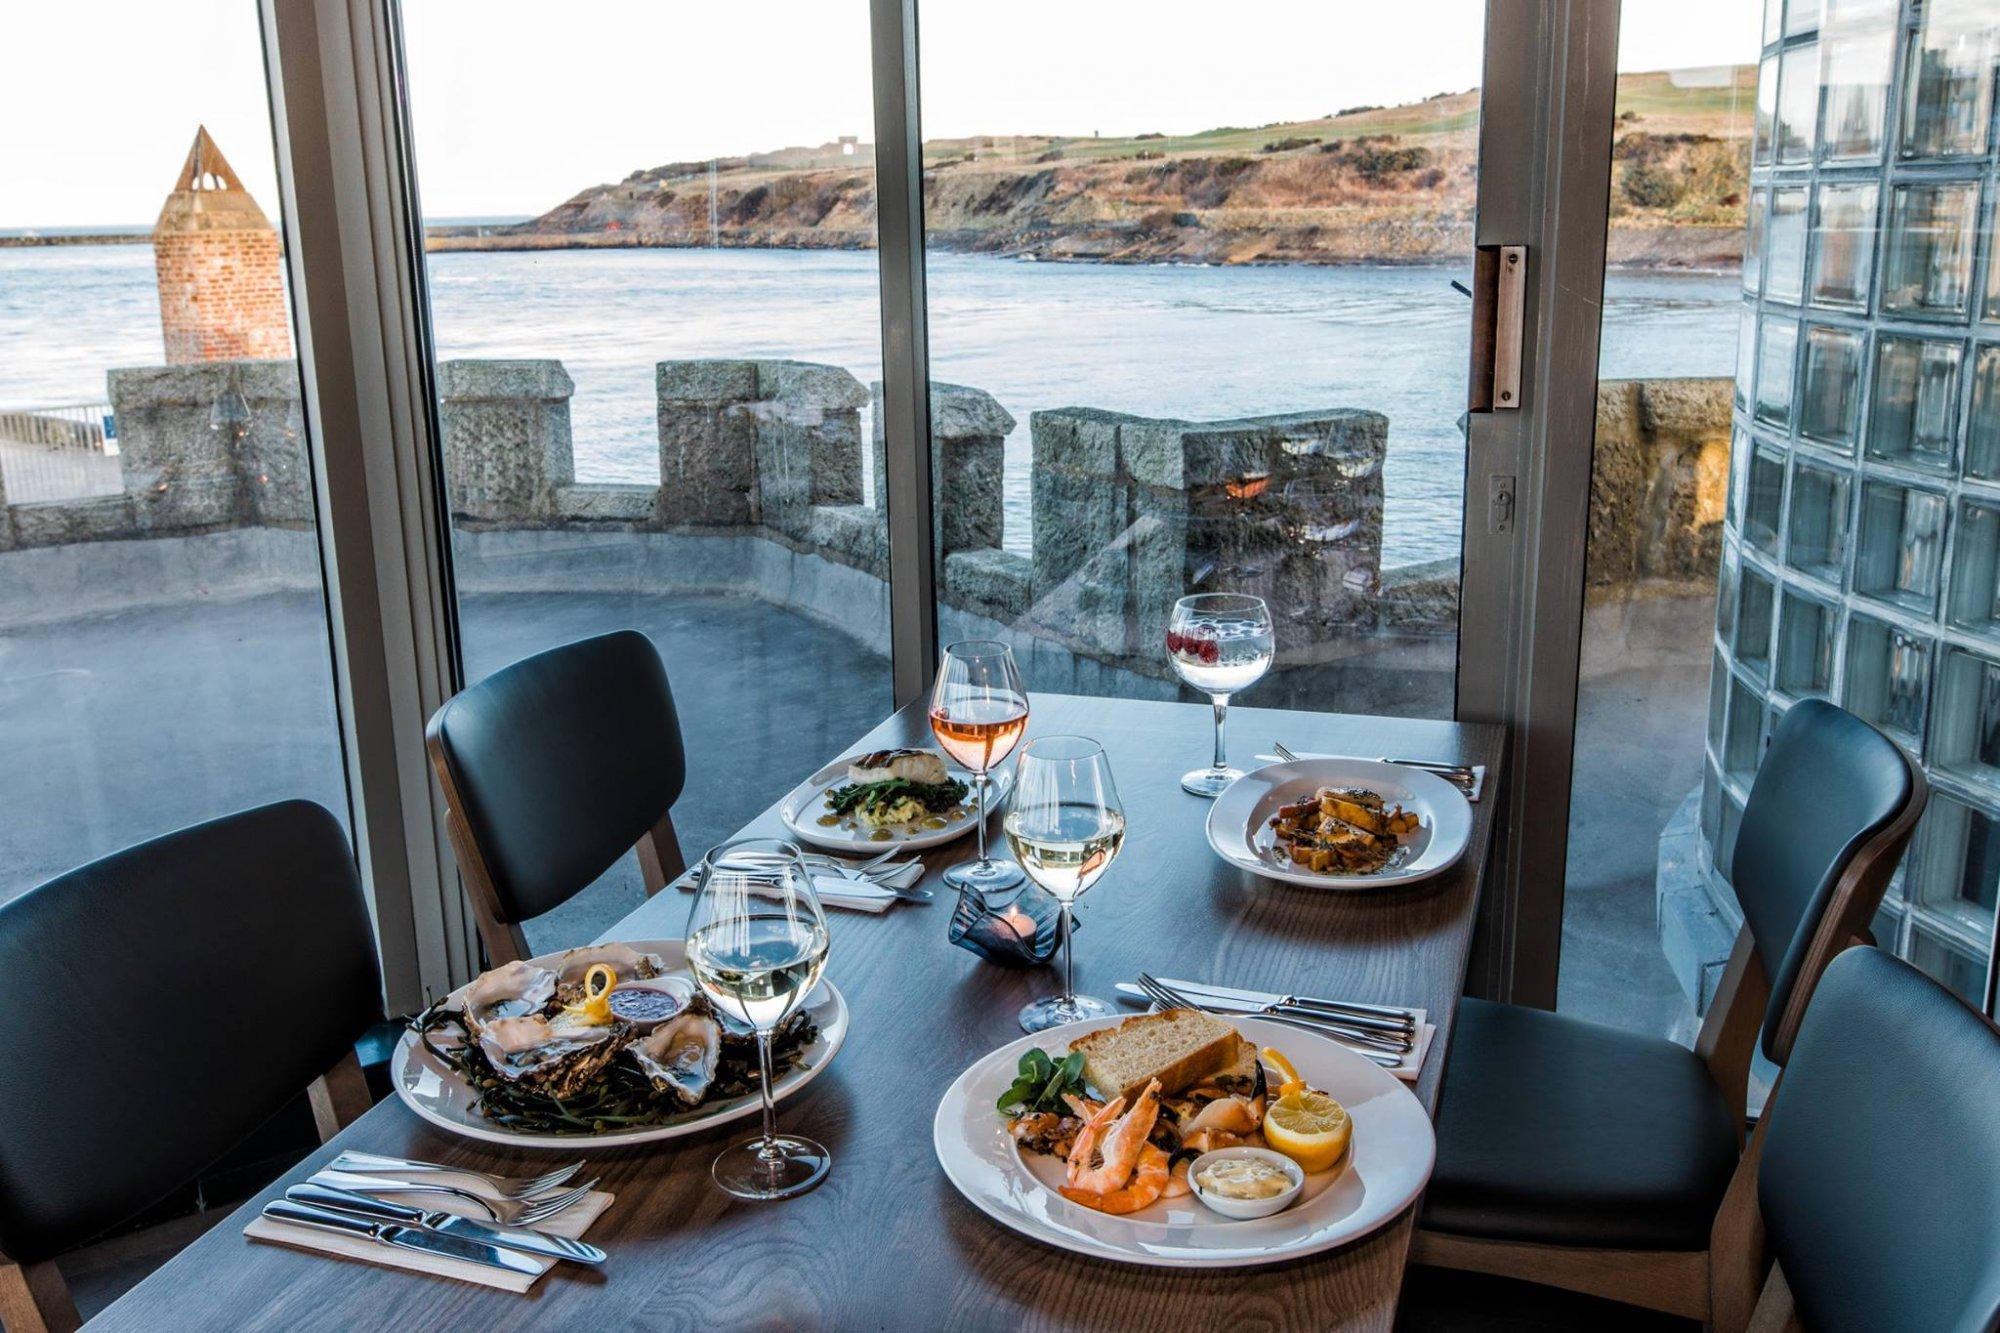 Romantic restaurants in Aberdeen